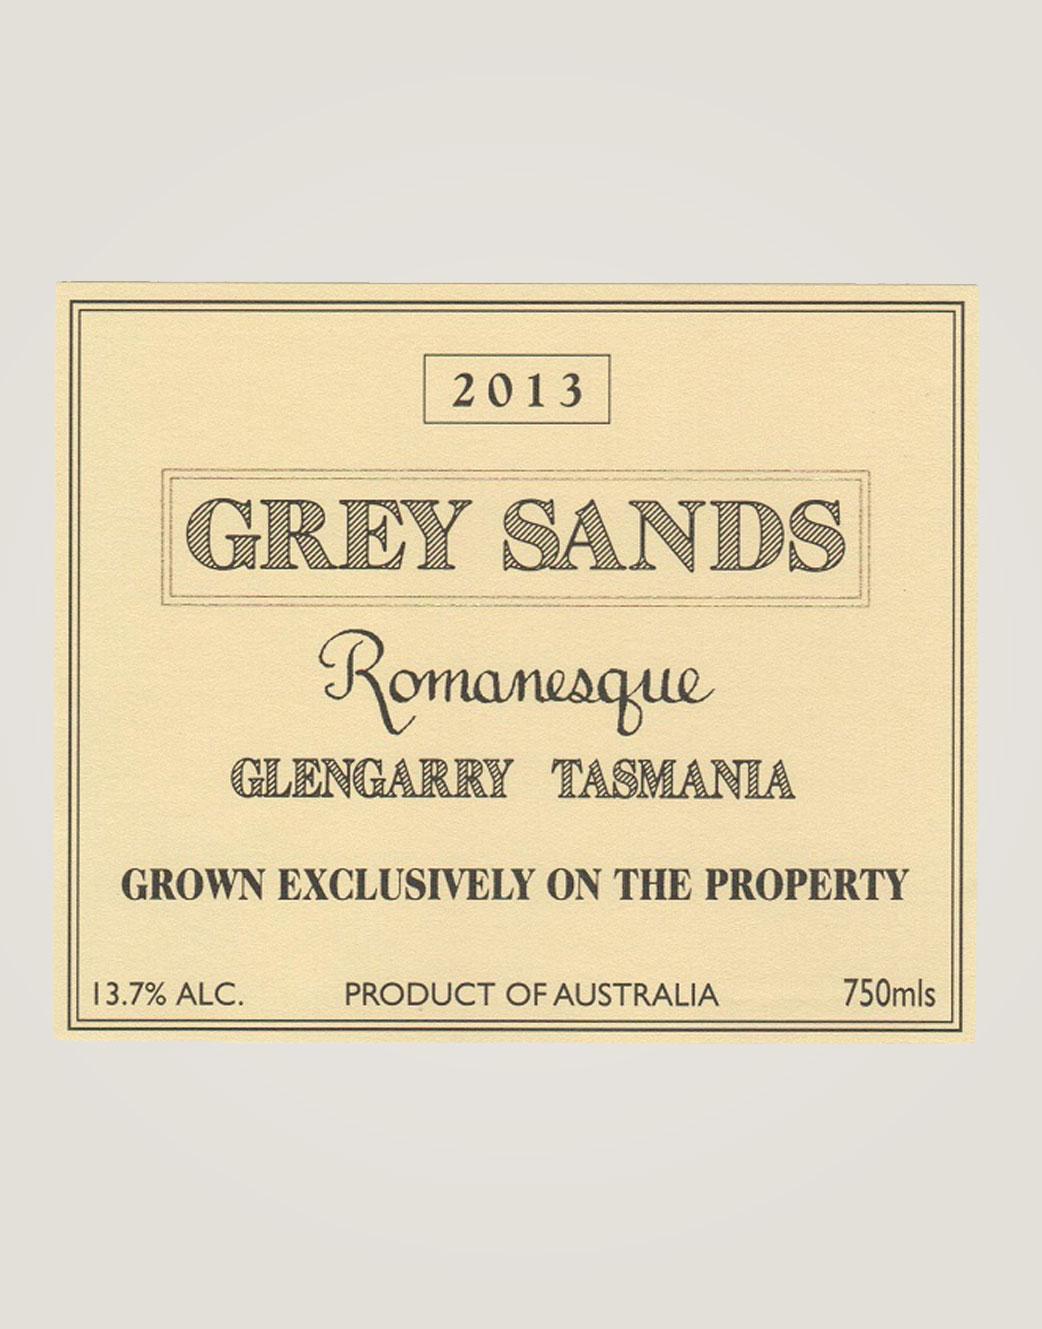 Grey Sands Romanesque 2013 label